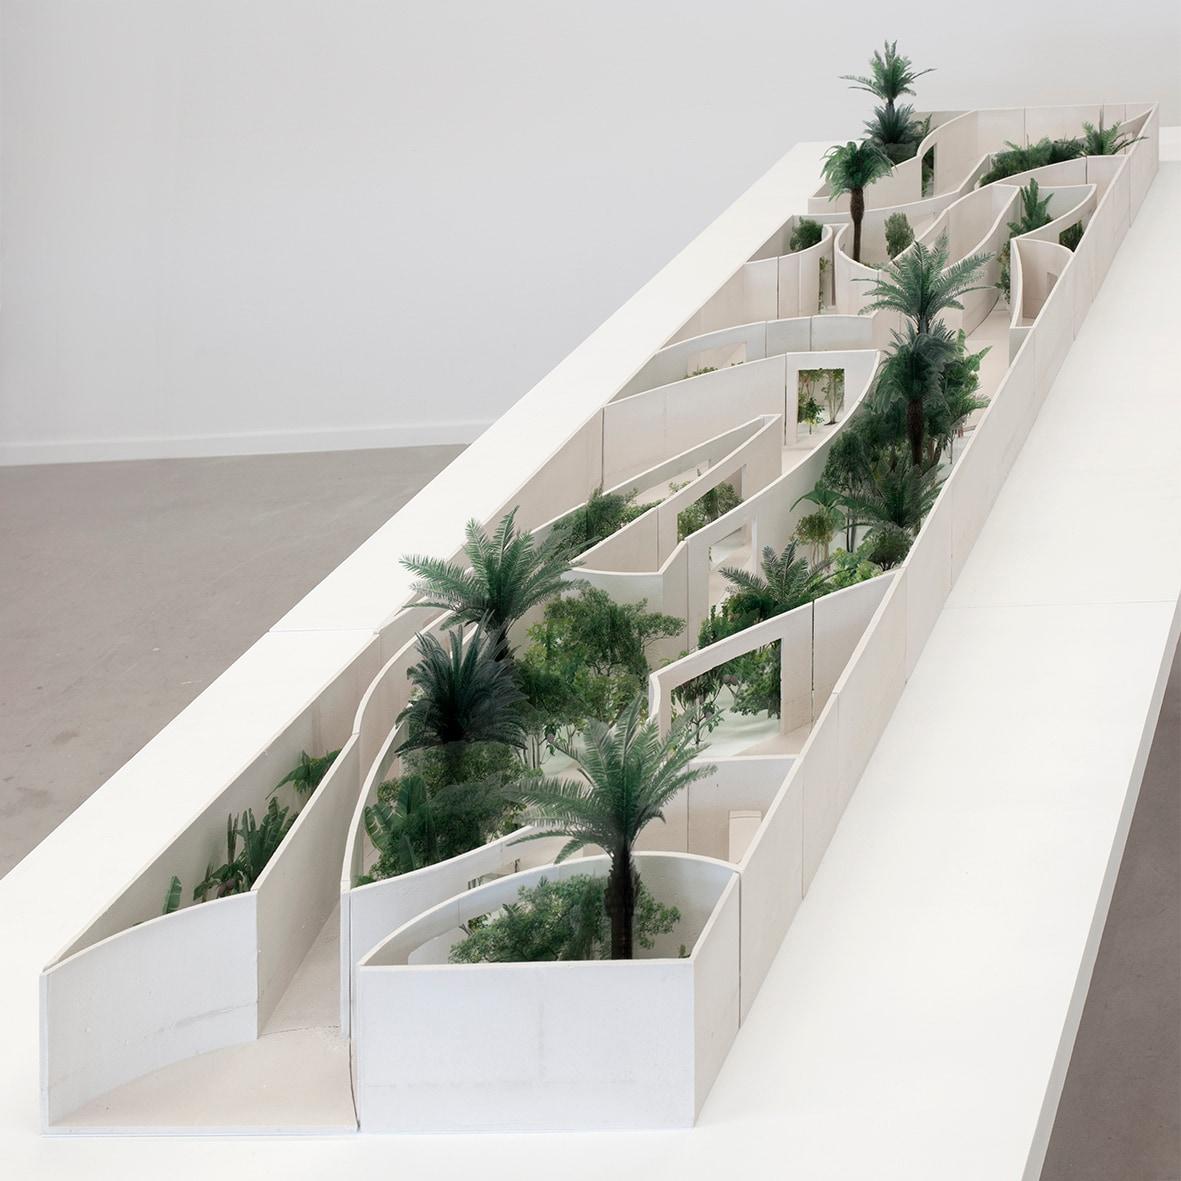 Archeologie del verde è il padiglione del Bahrain a Expo Milano 2015